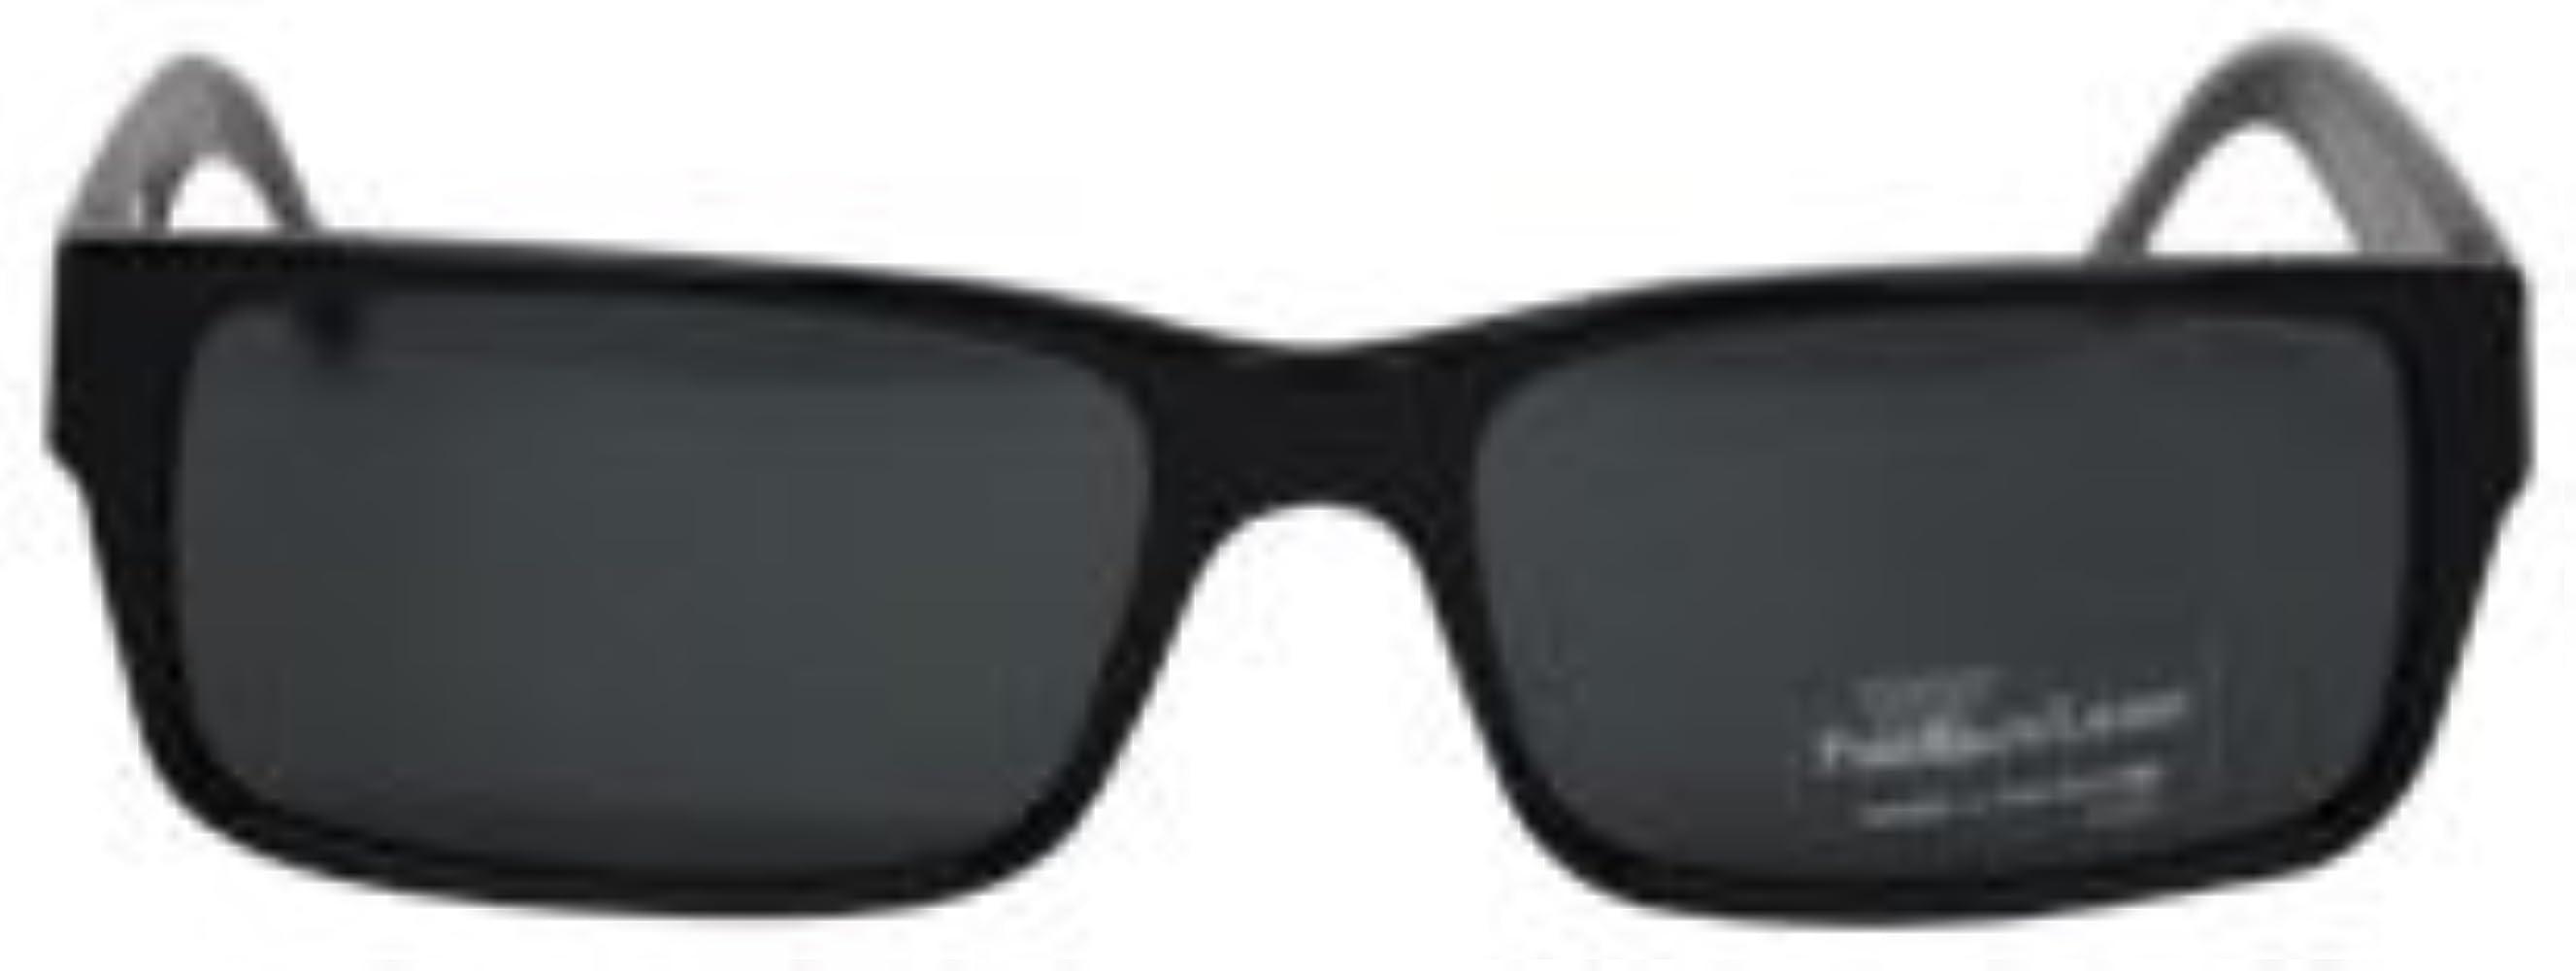 Polo Ralph Lauren PH4049, Gafas de Sol para Hombre, Negro (Black ...